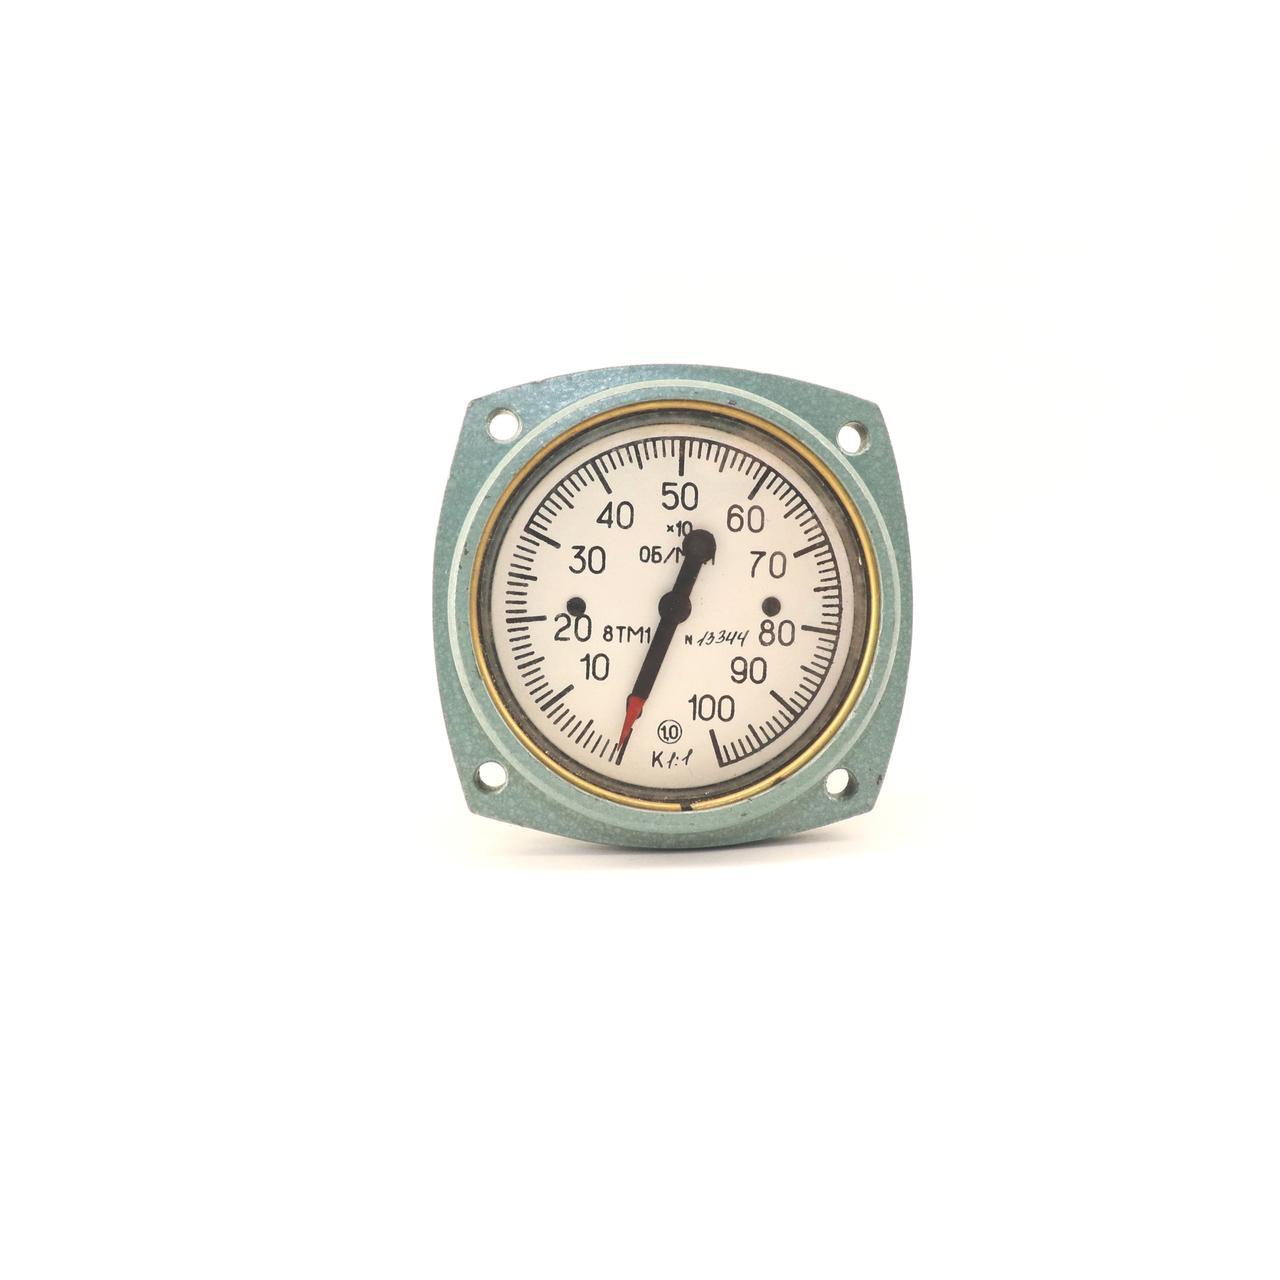 Тахометр 8ТМ1, 1000об/хв